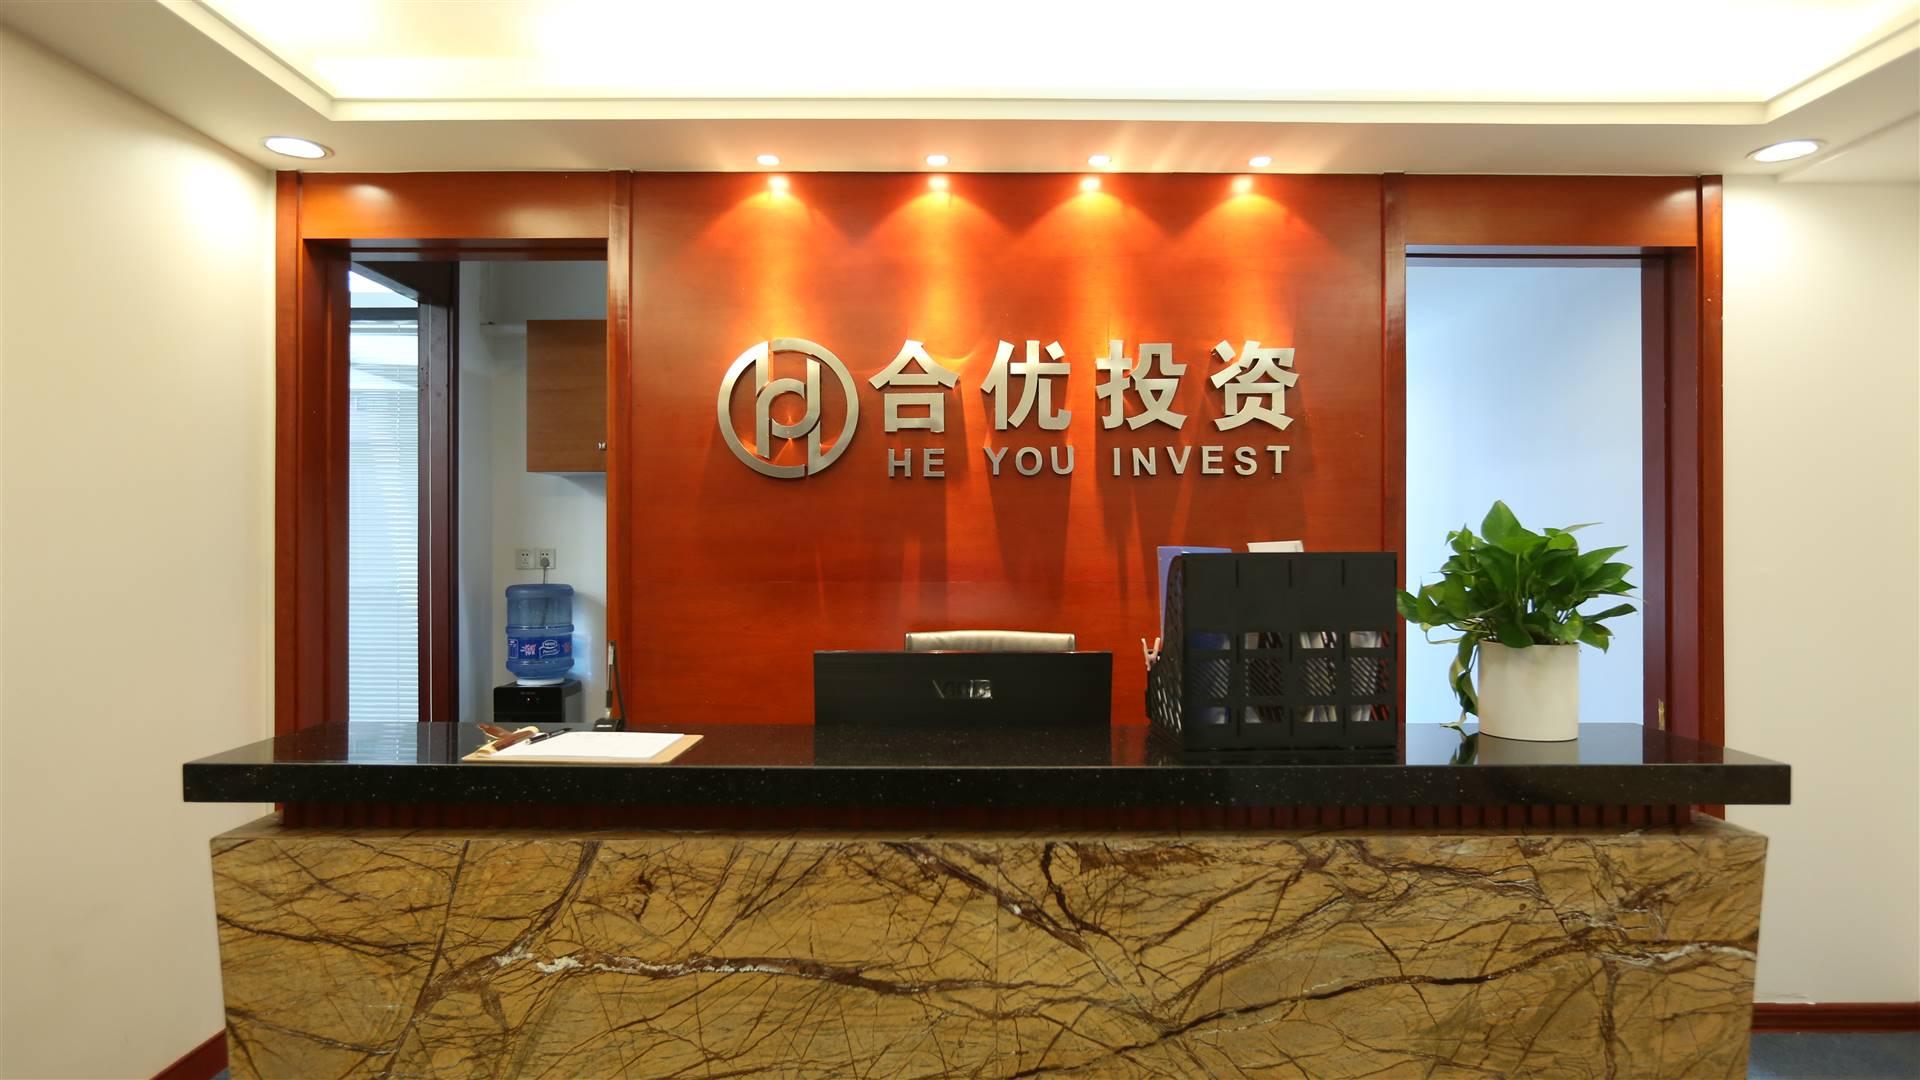 上海股票配资好吗 其有什么好处跟坏处